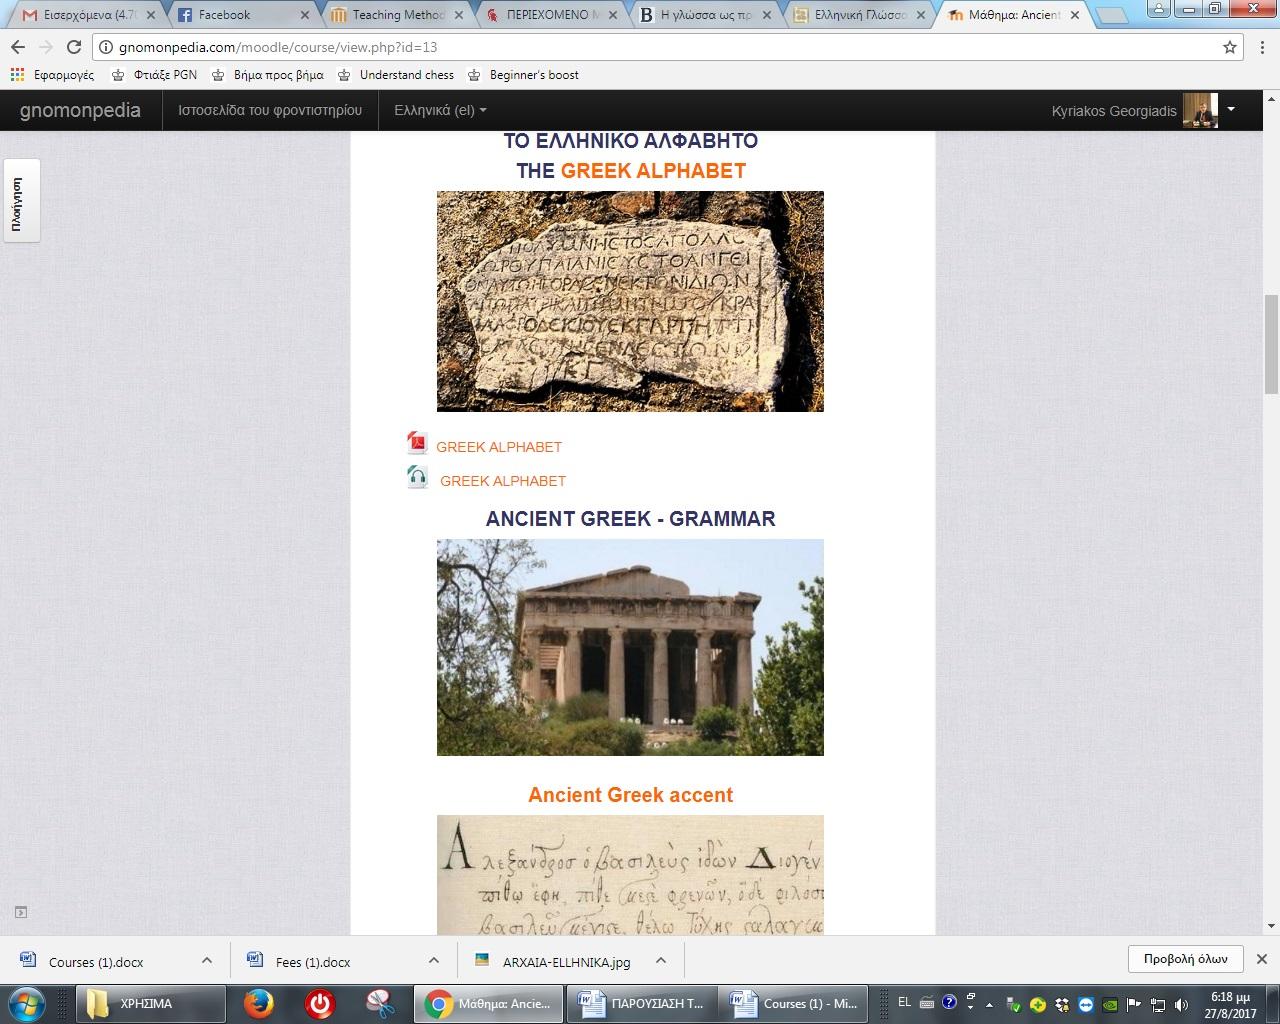 Asynchronous online courses - Γνώμων | Gnomon